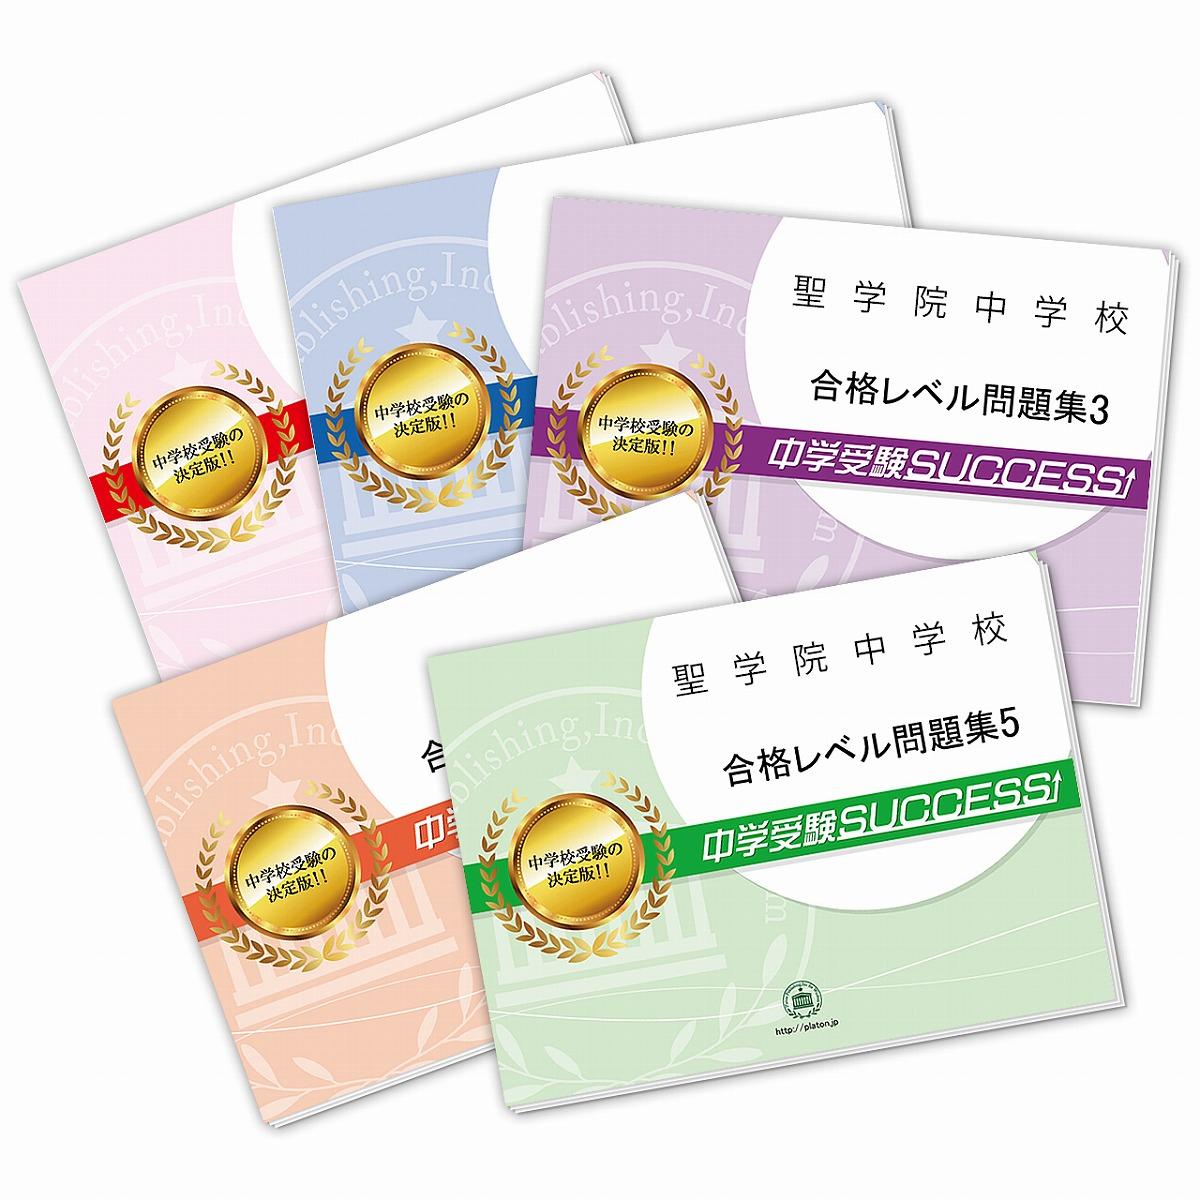 【送料・代引手数料無料】聖学院中学校・直前対策合格セット(5冊)